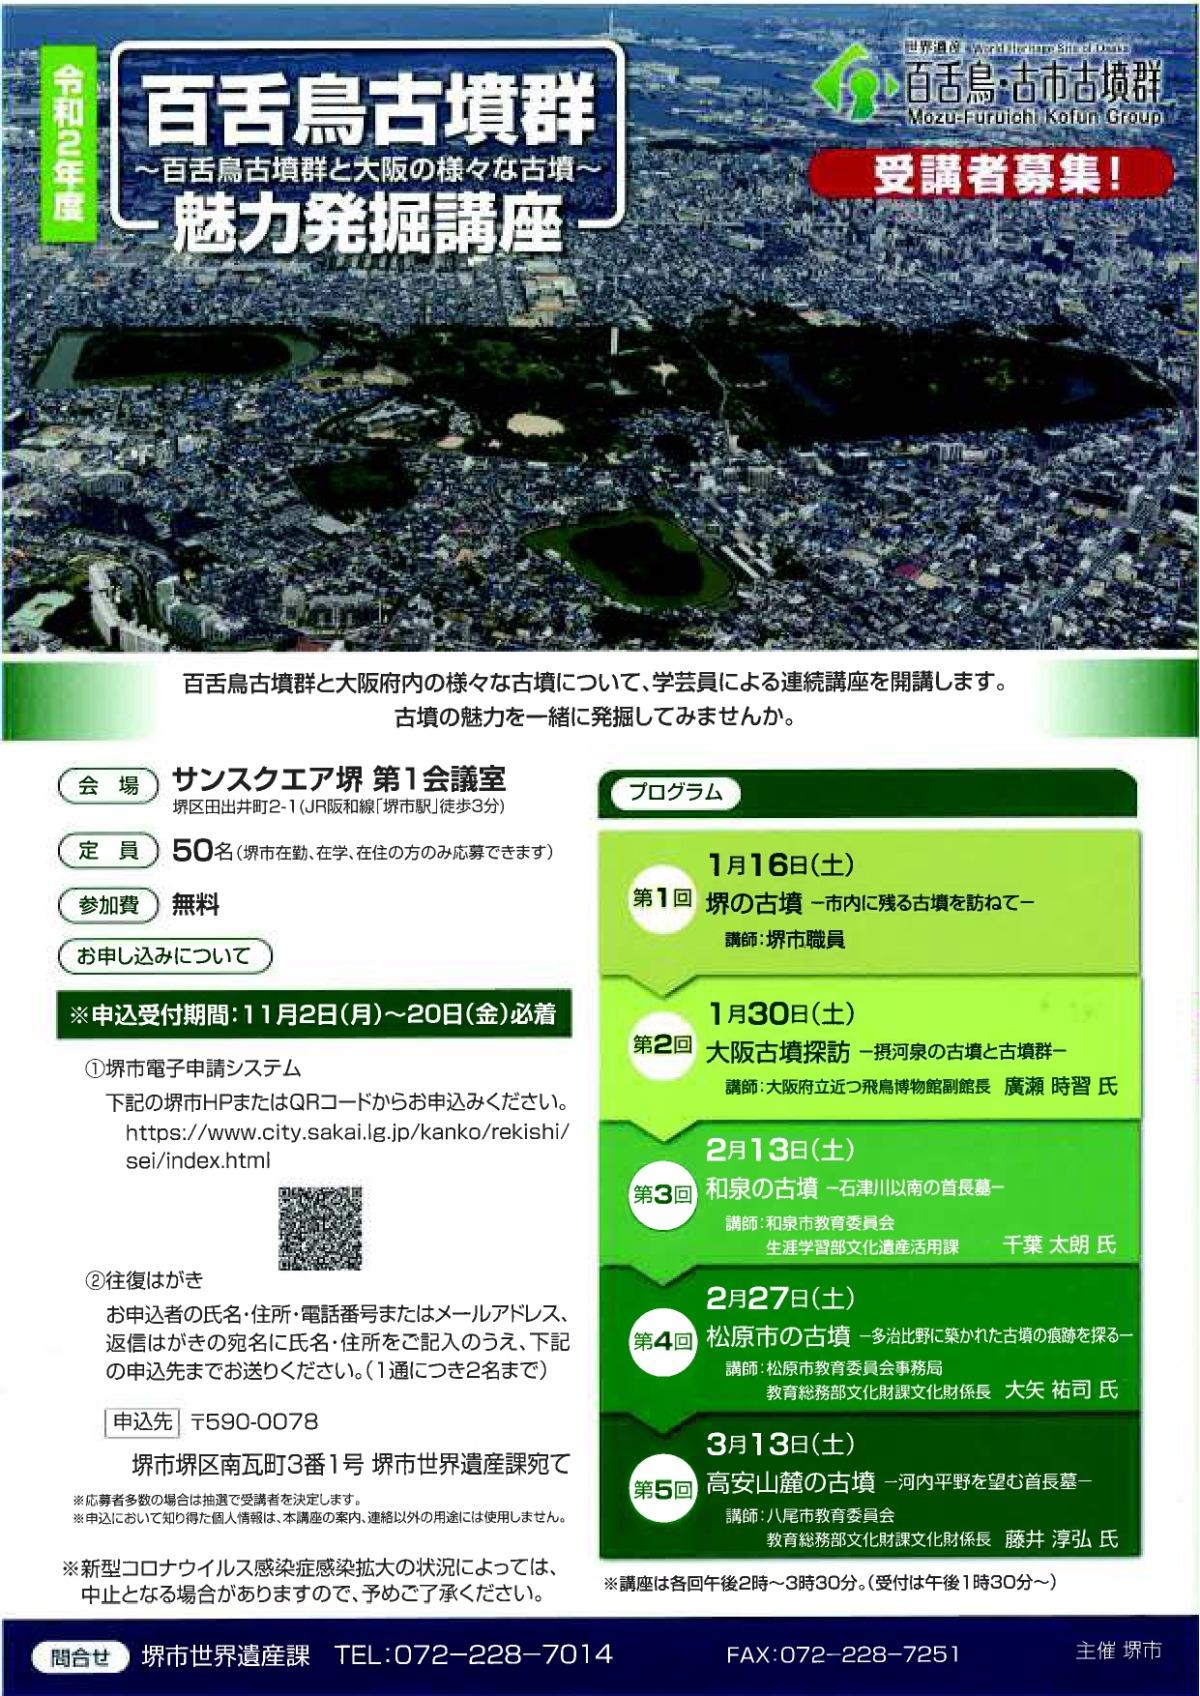 【無料】受講者募集☆古墳の魅力を発掘してみませんか!?@堺市堺区: